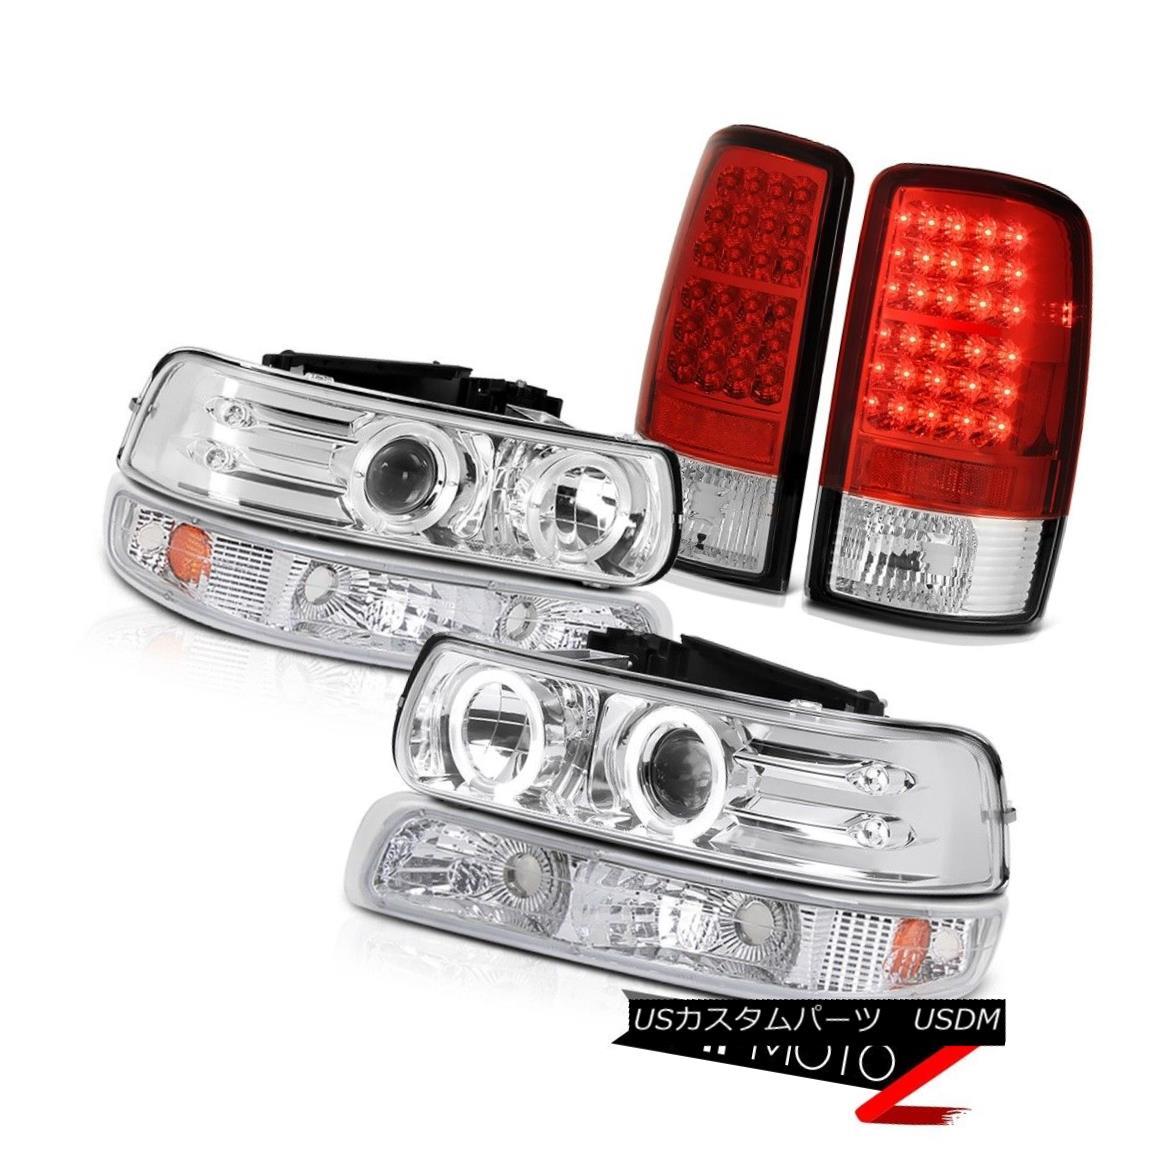 ヘッドライト Chrome Projector Headlamps Parking LED Signal Taillamps 2000-2006 Chevy Tahoe クロムプロジェクターヘッドランプパーキングLEDシグナルタイヤーランプ2000-2006 Chevy Tahoe